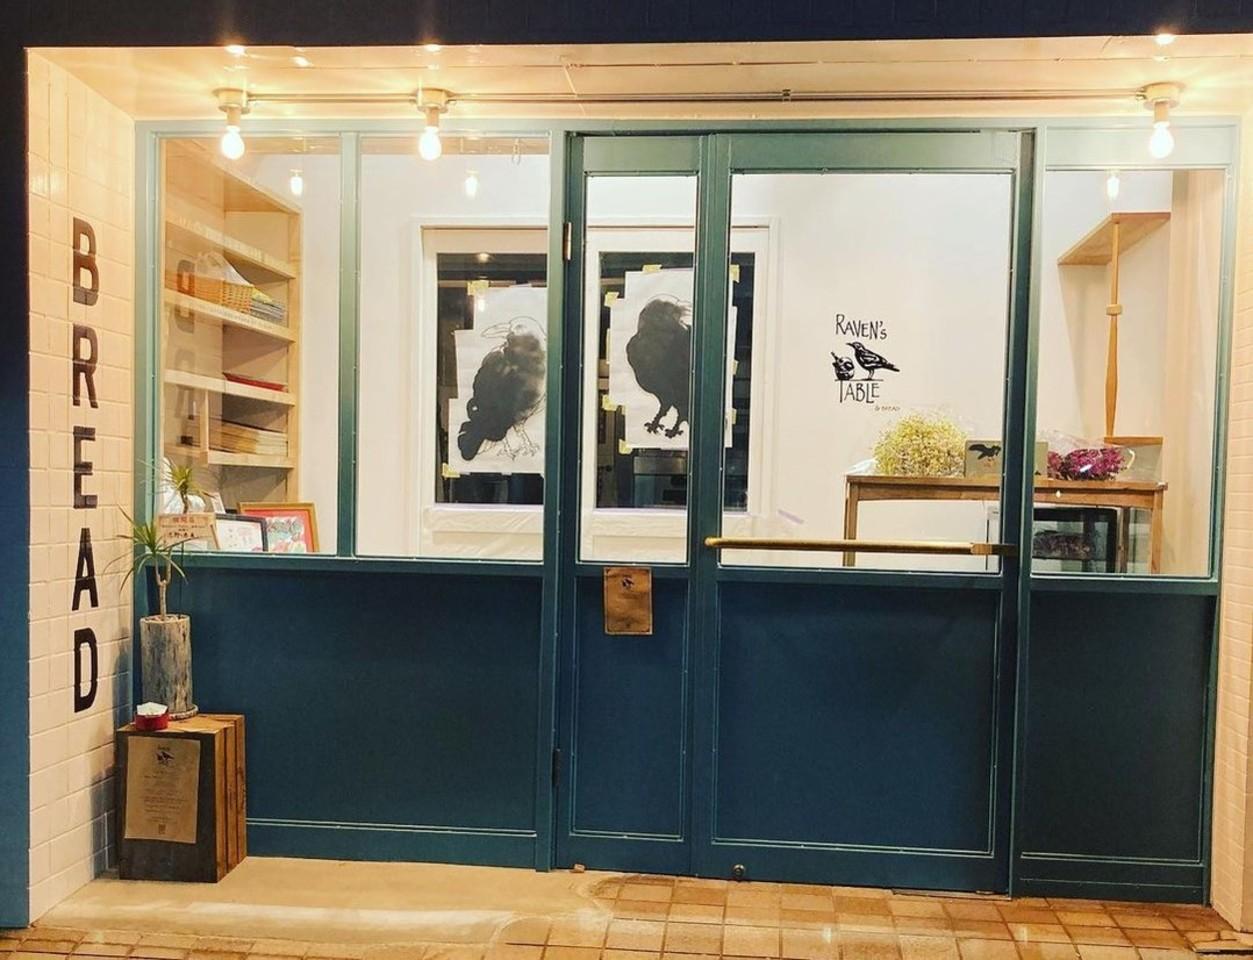 小さな幸せを食卓に添えて..東京都世田谷区桜3丁目にパン屋「レイブンズ テーブル」11/28オープン